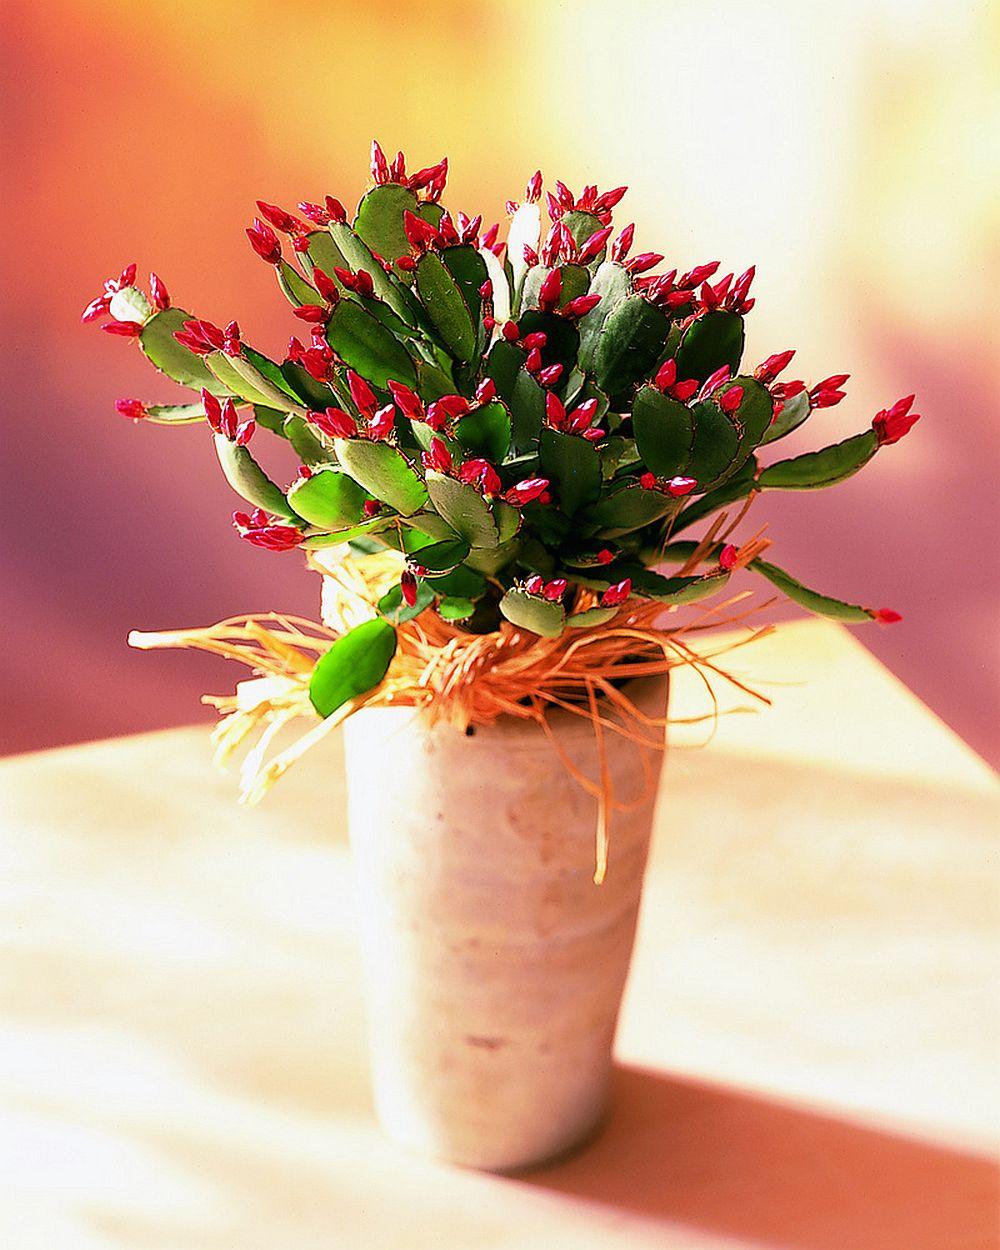 adelaparvu.com despre Florea Pastelui, Rhipsalidopsis, text Carli Marian, Foto Floradania (13)